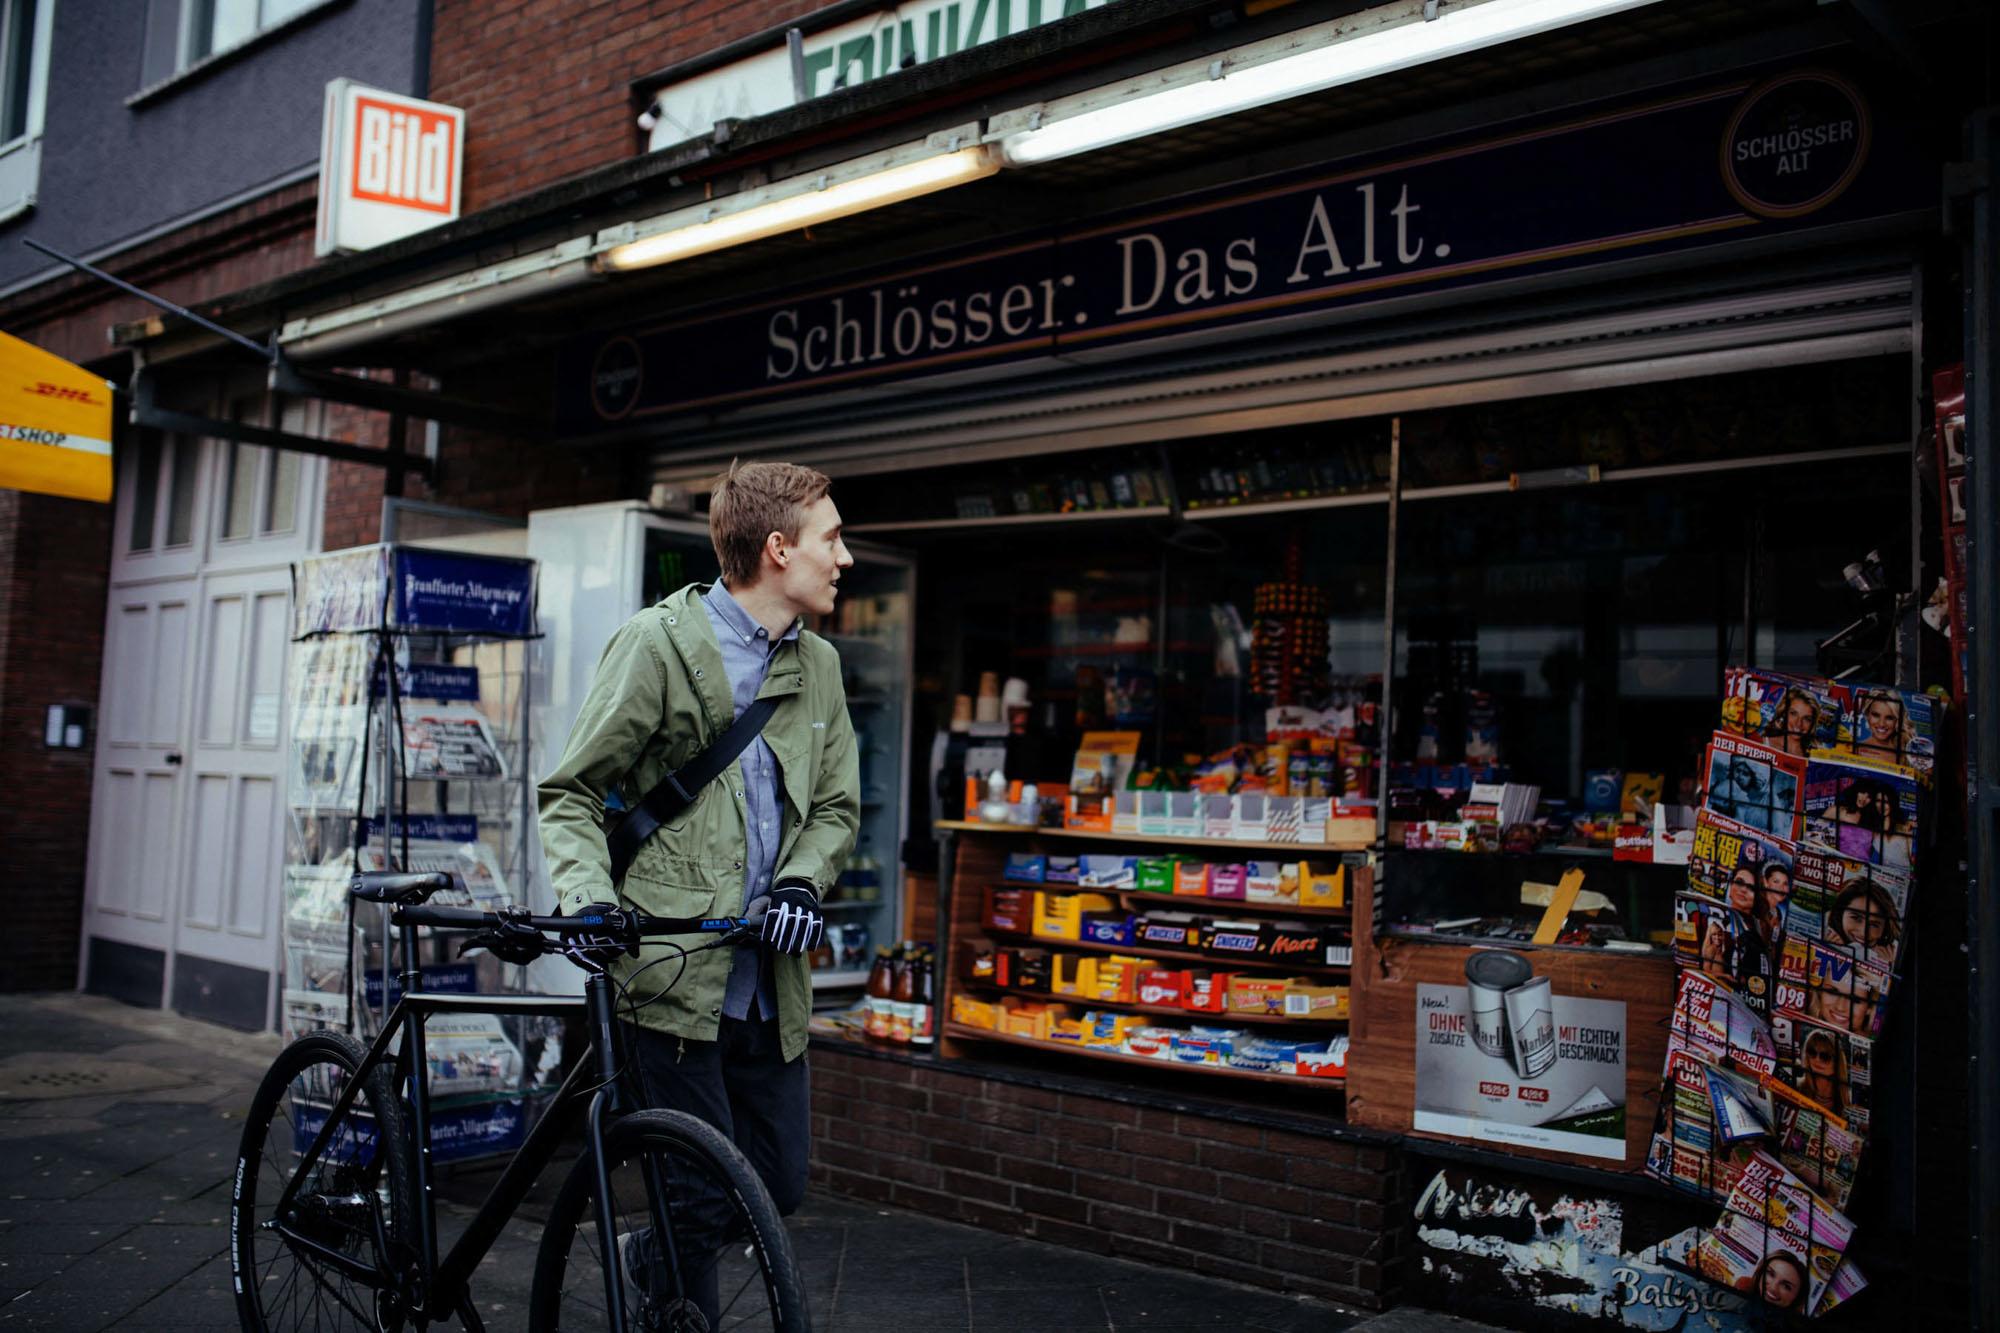 03-Ben-Erben-Jens-Quasten-Cube-Stadt-01